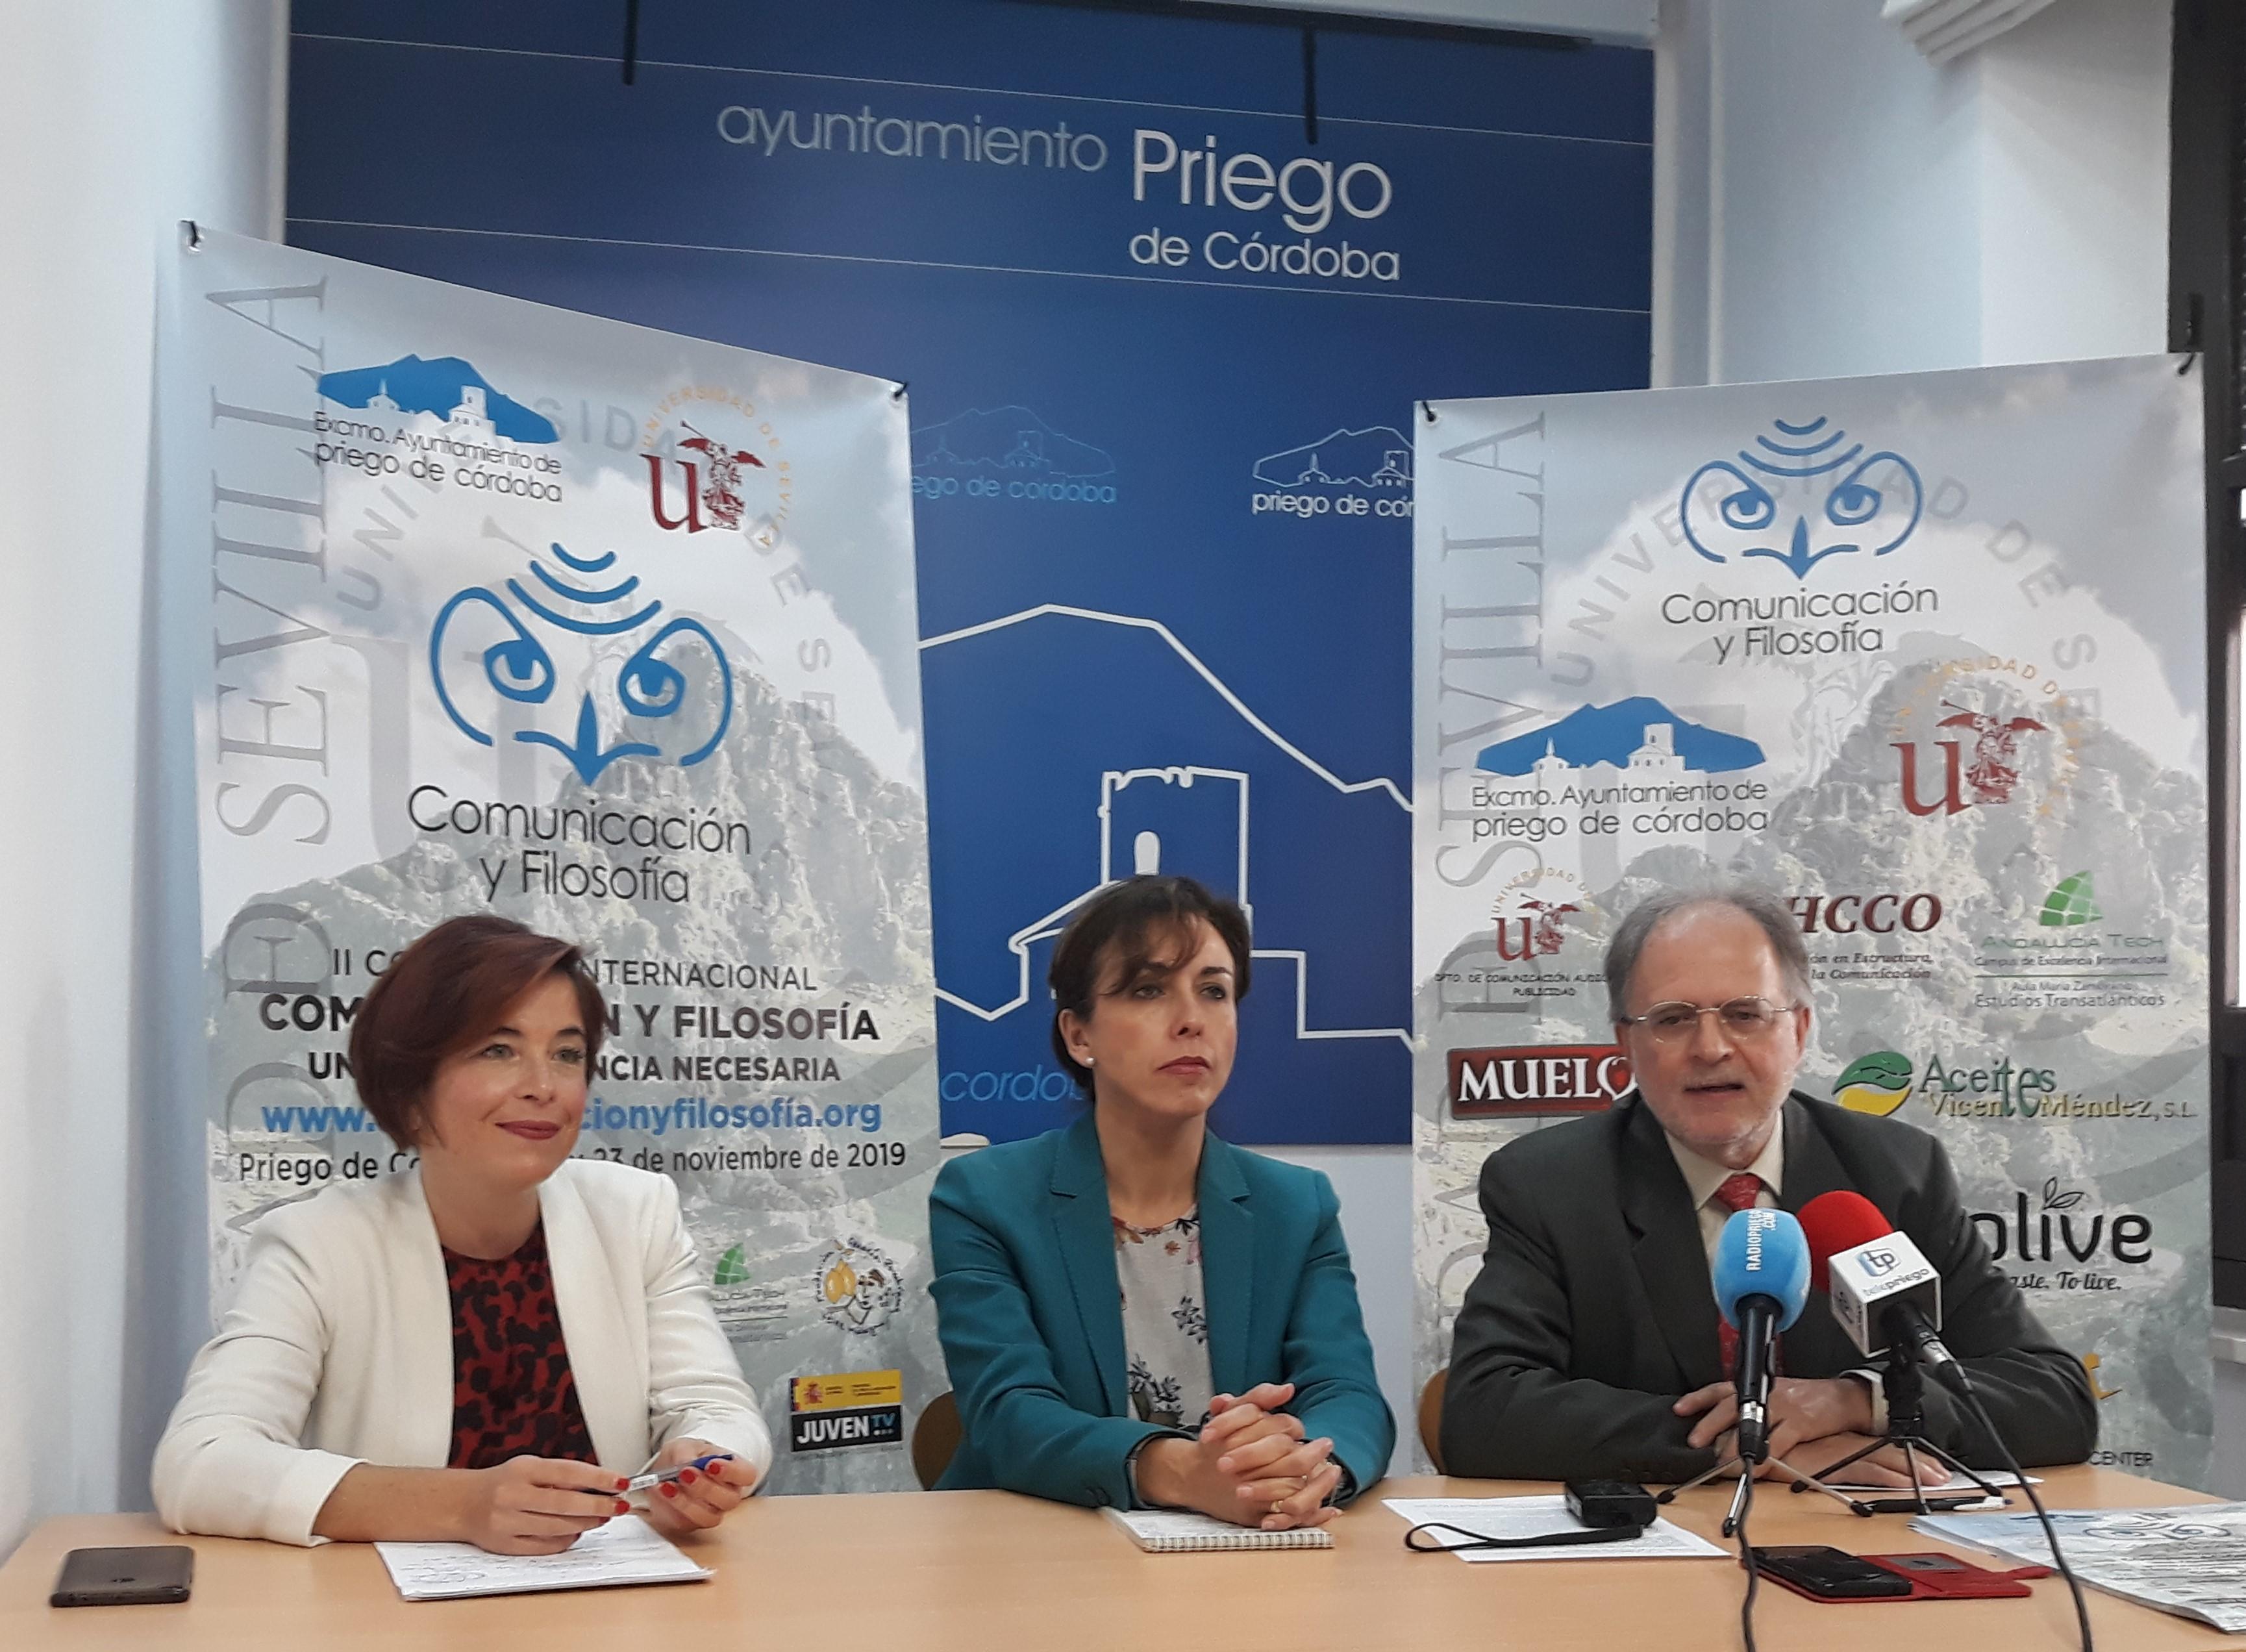 Dos de los momentos de la rueda de prensa, de derecha a izquierda, Profesor Dr. Ramón Reig, Director del Congreso, Alcaldesa de Priego M. Luisa Ceballos y la Profesora y Doctora en Comunicación, Lucía Ballesteros